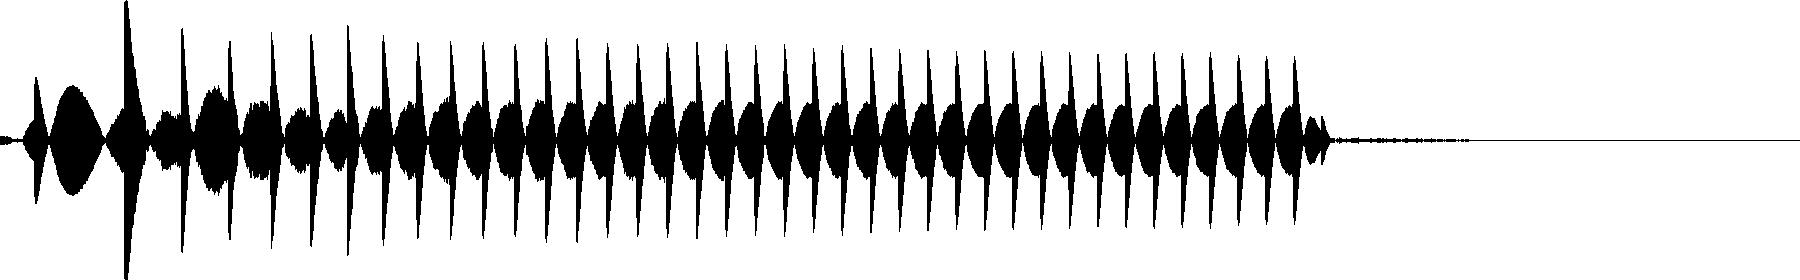 veh2 synths   068 c